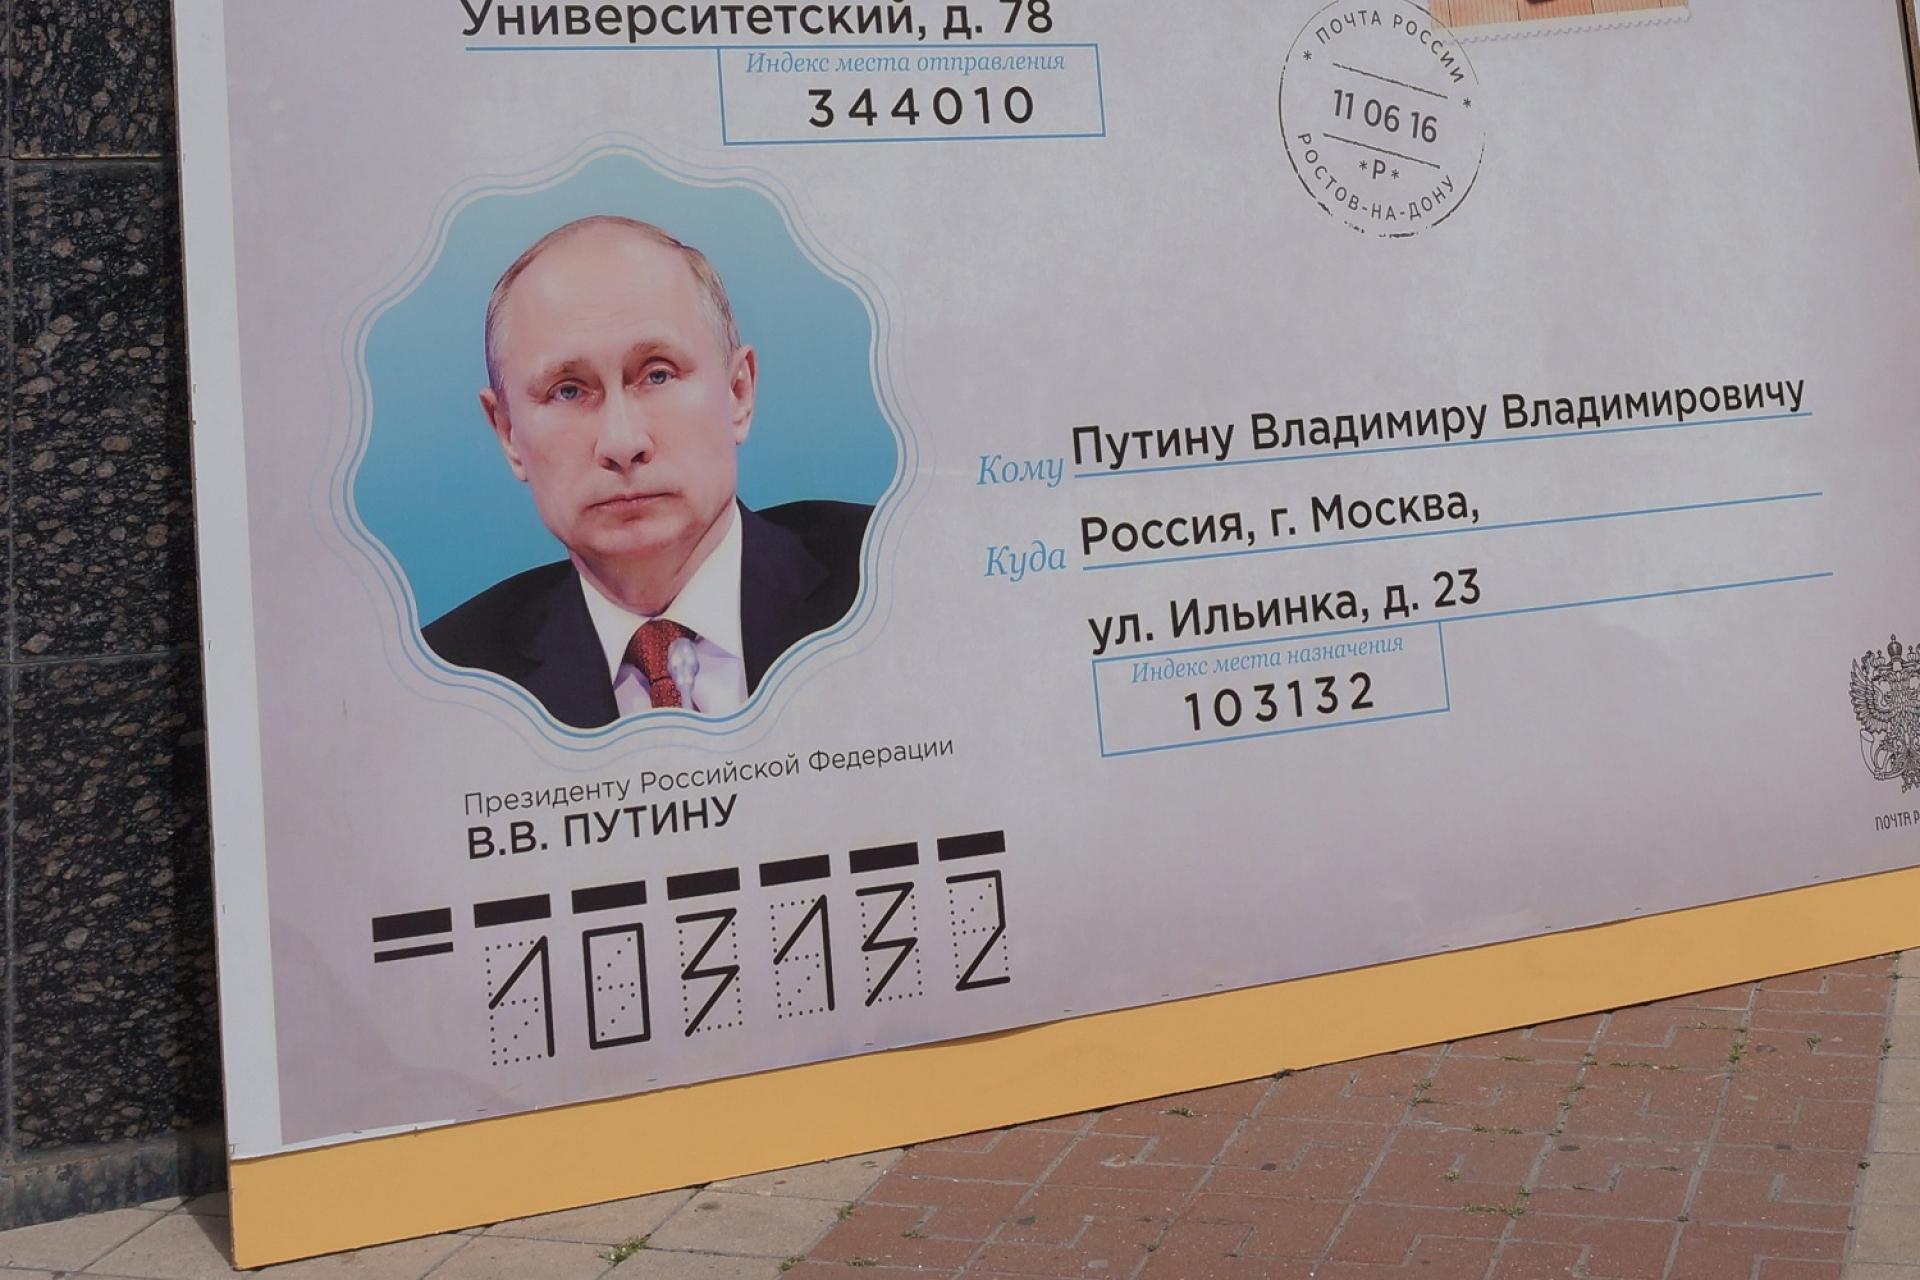 Общественная приемная Путина. Адрес приемной президента